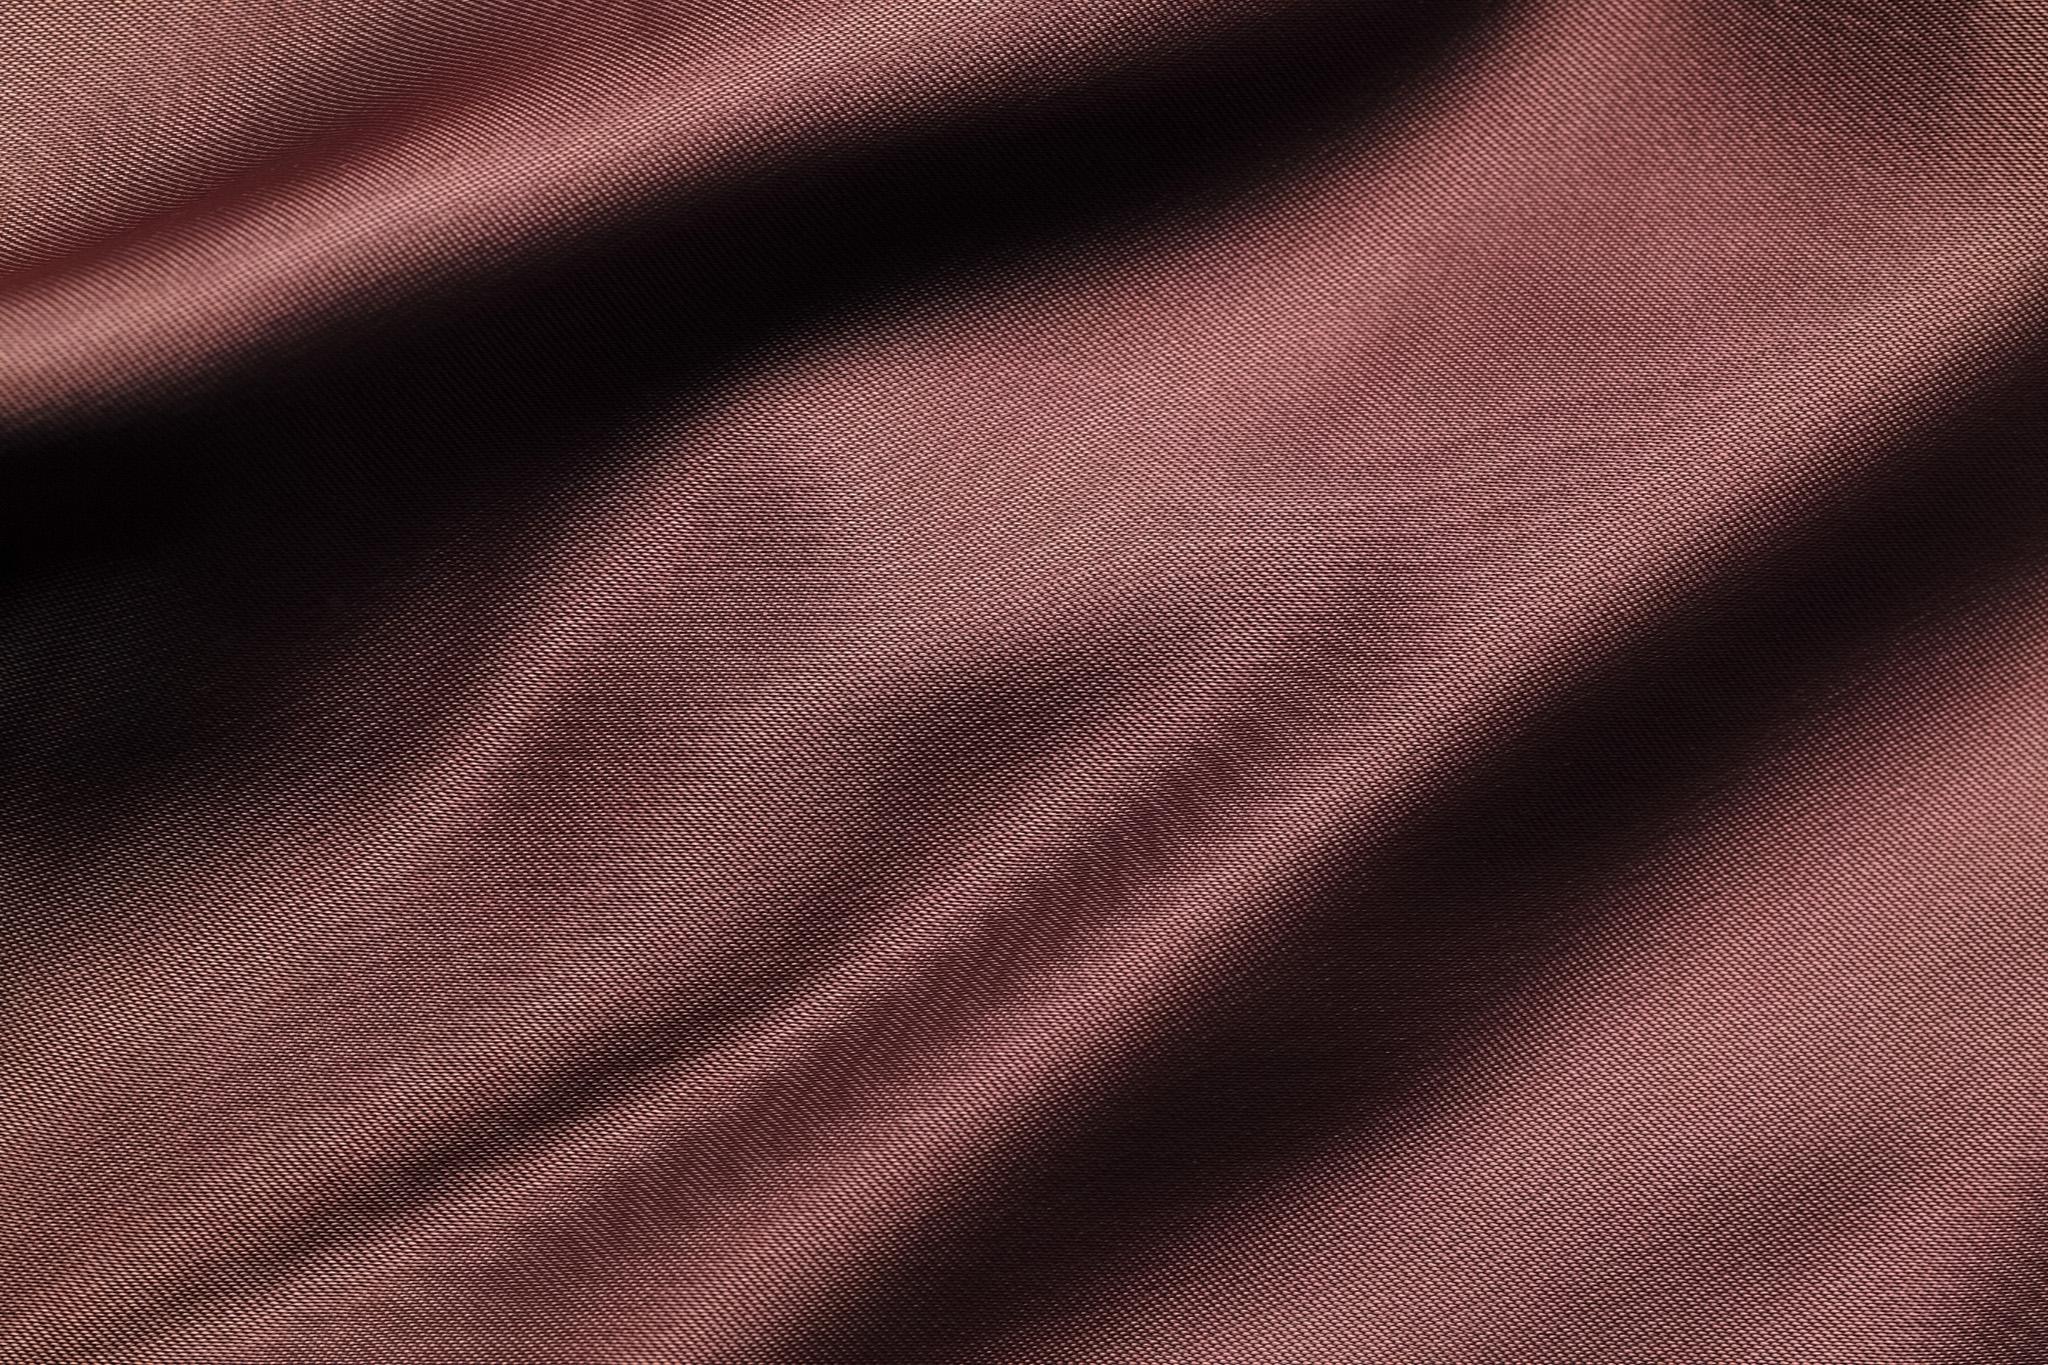 「秋色のサラサラとした布地」